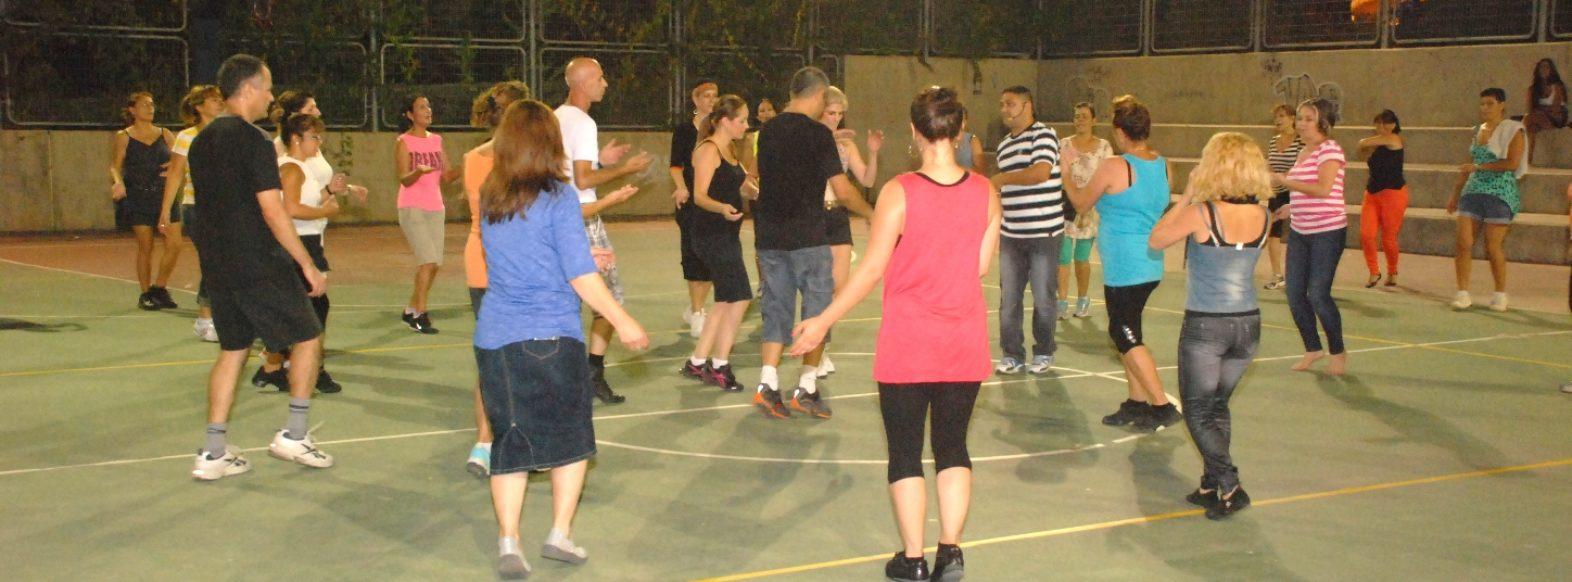 ריקודי עם בפארק הספורט